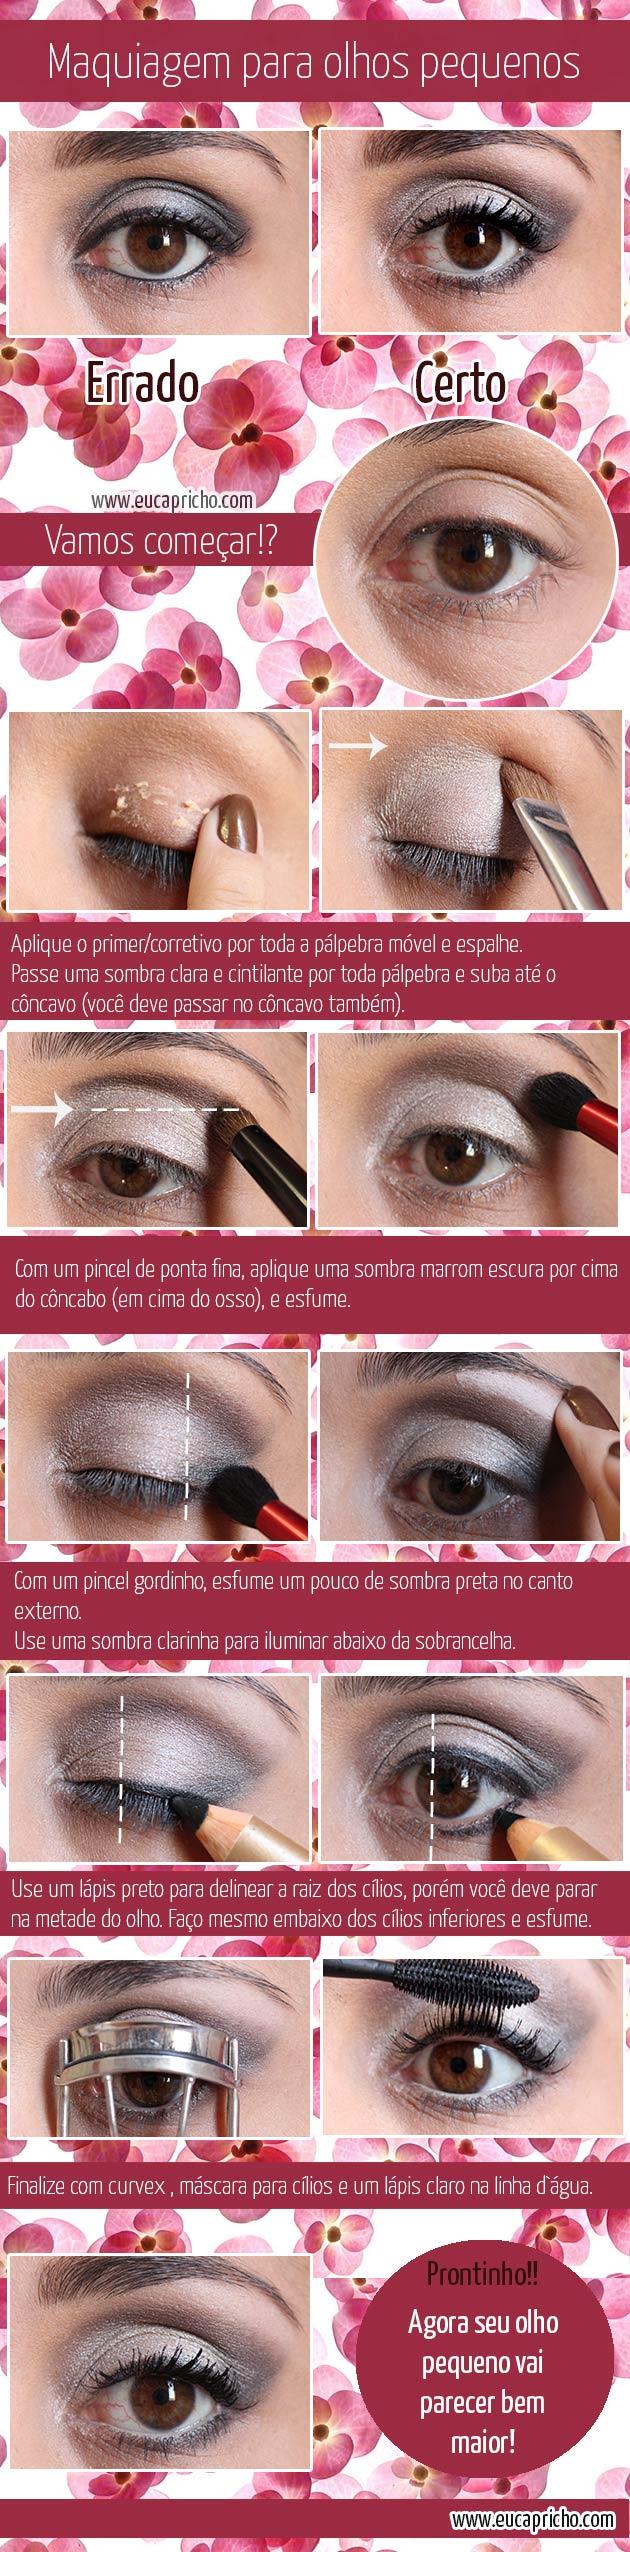 maquiagemparaolhospequenos Maquiagem para olhos pequenos